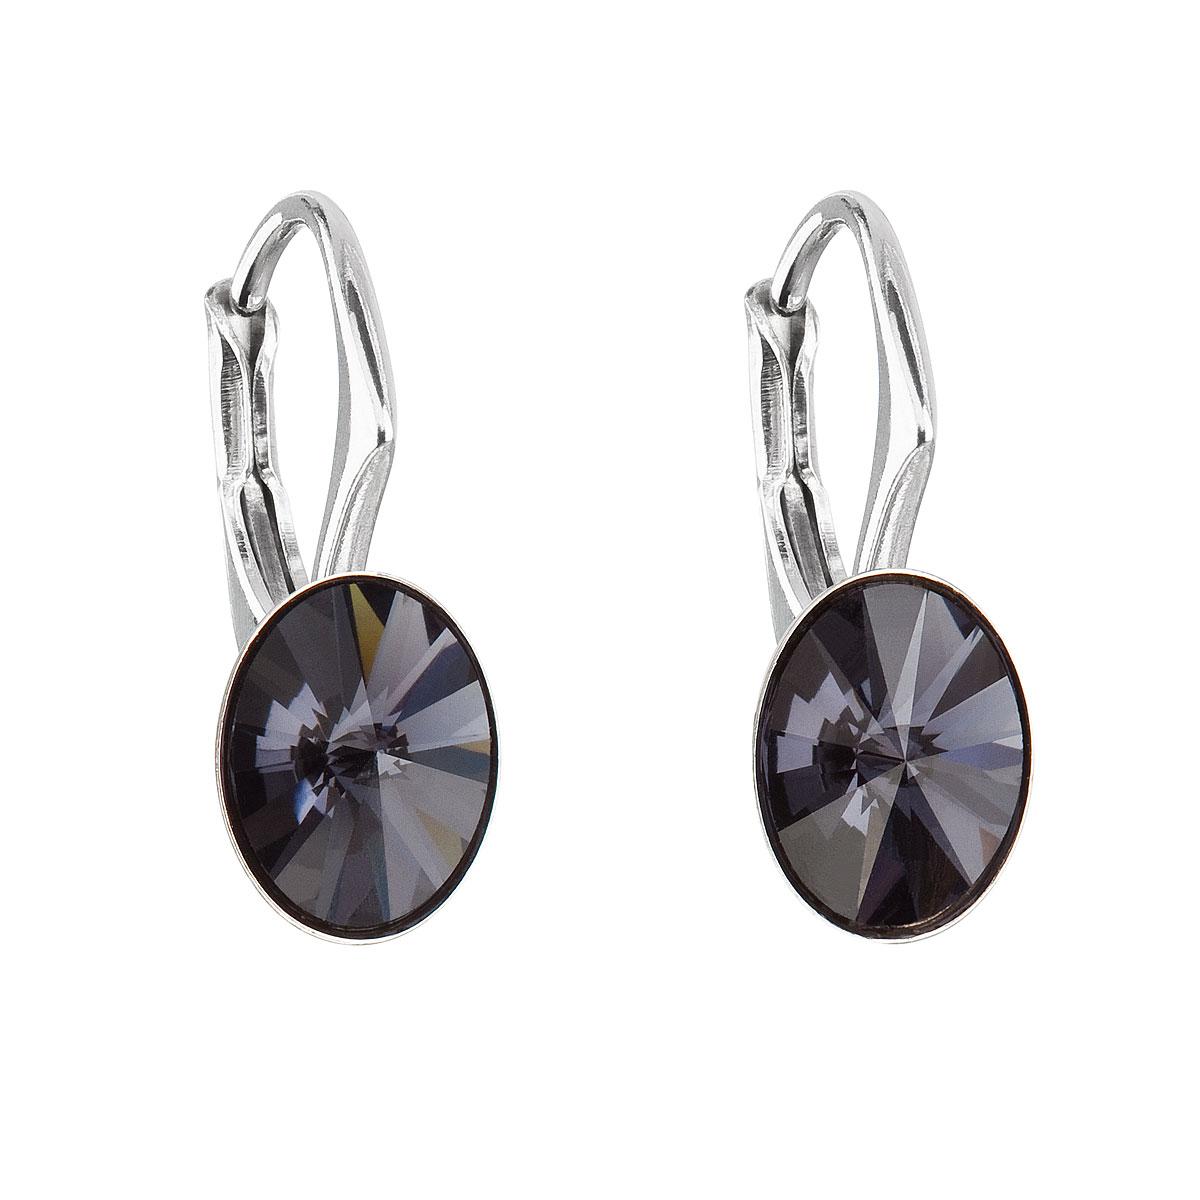 Stříbrné náušnice visací s krystaly Swarovski černý ovál 31276.3